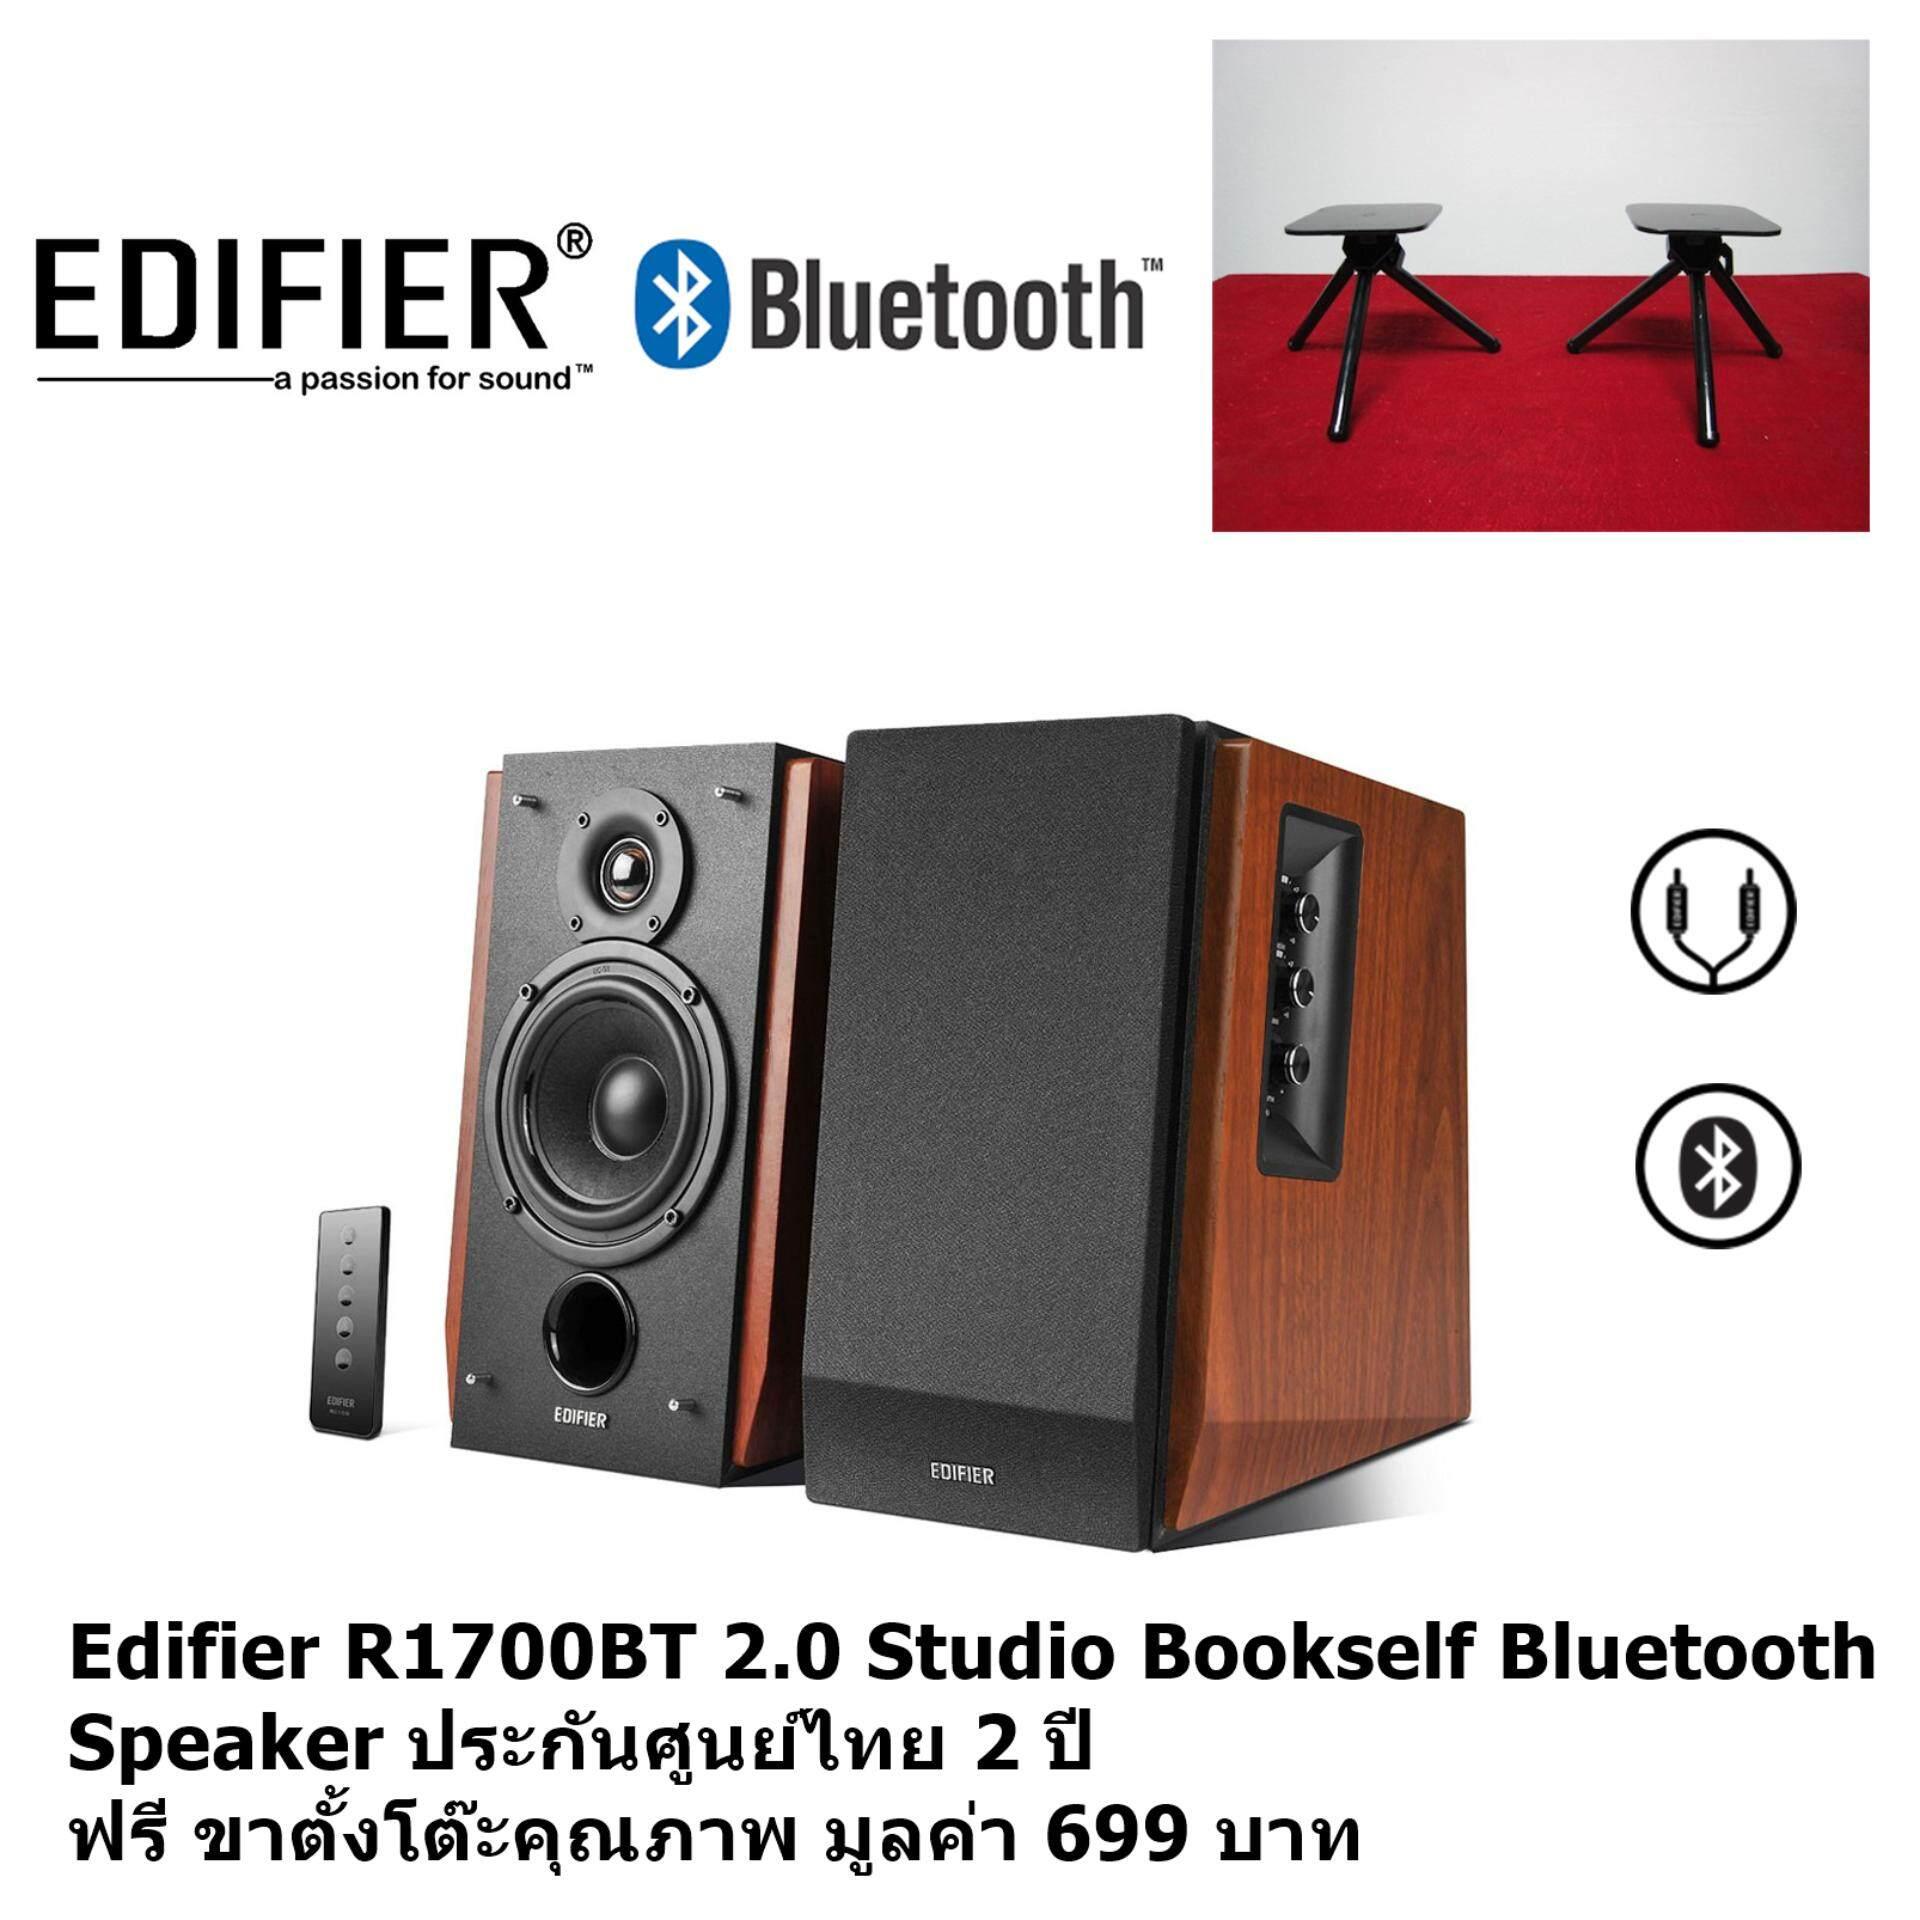 สอนใช้งาน  พิจิตร Edifier R1700BT Bookself Bluetooth Studio 2.0 speakers -Black/Brown ฟรี ขาตั้งโต๊ะคุณภาพ มูลค่า 699 บาท